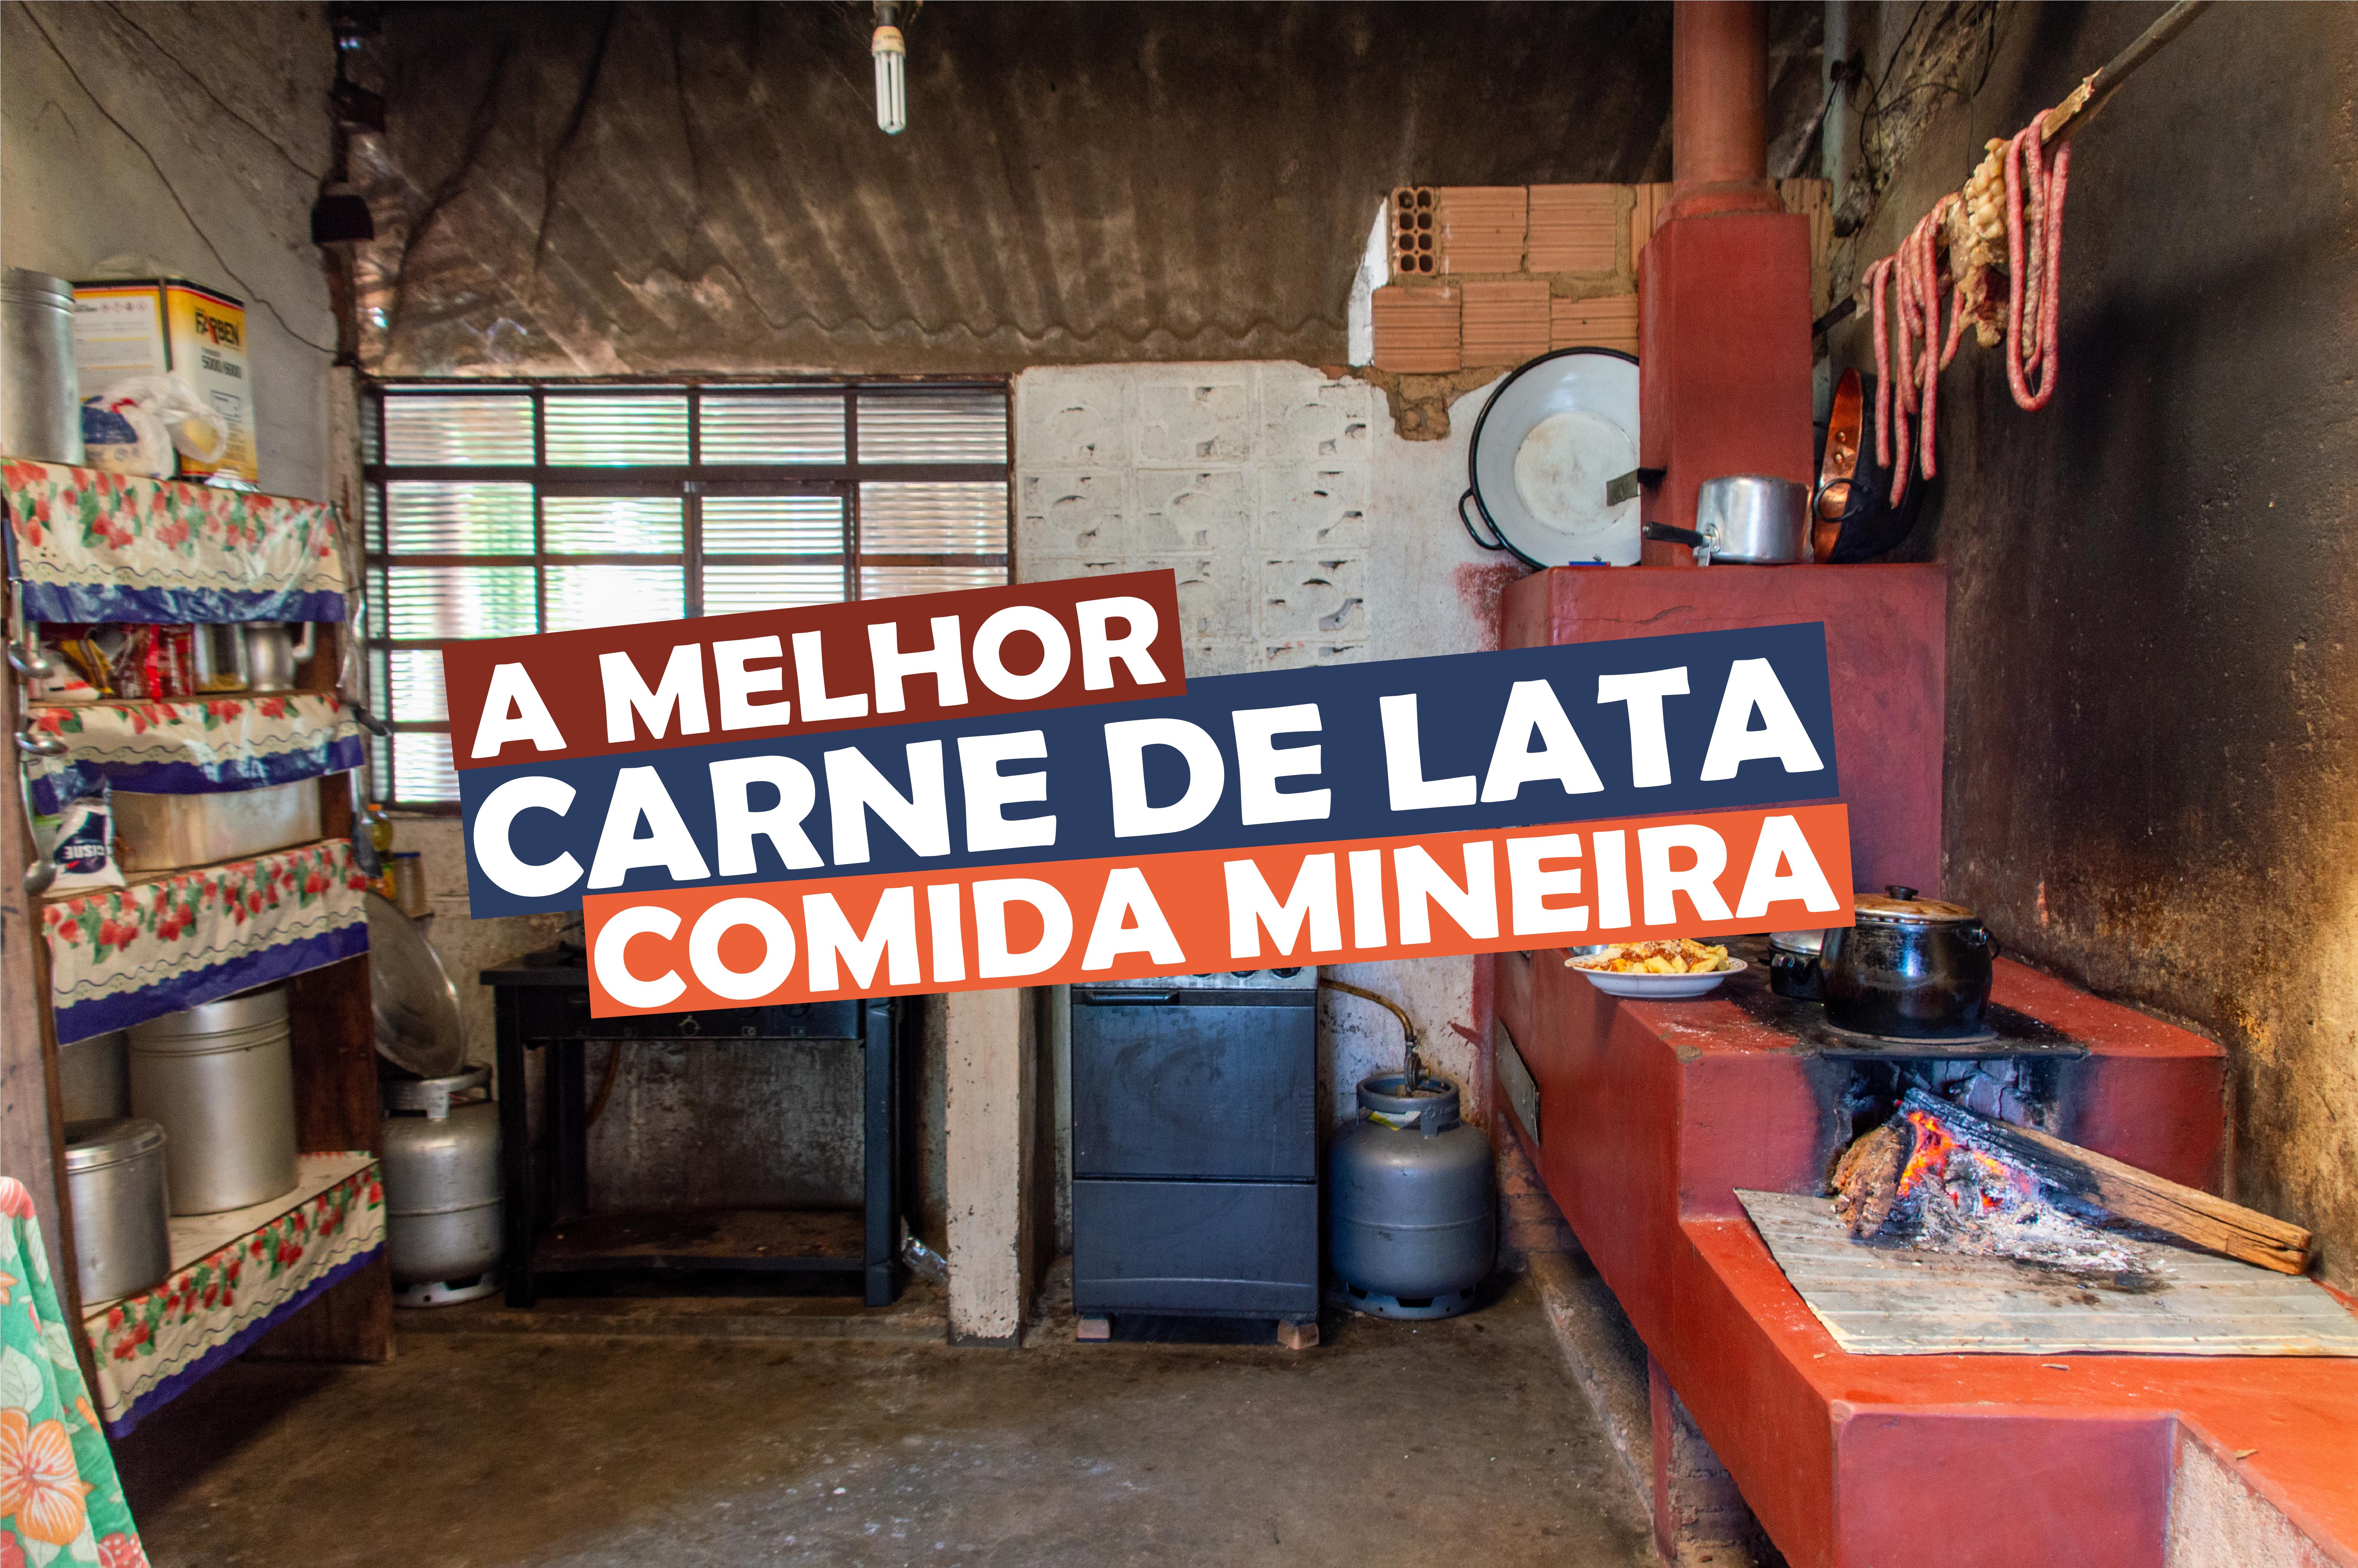 You are currently viewing A Melhor Carne de Lata, Comida Mineira, Dona Francisquinha do Rancho Franel